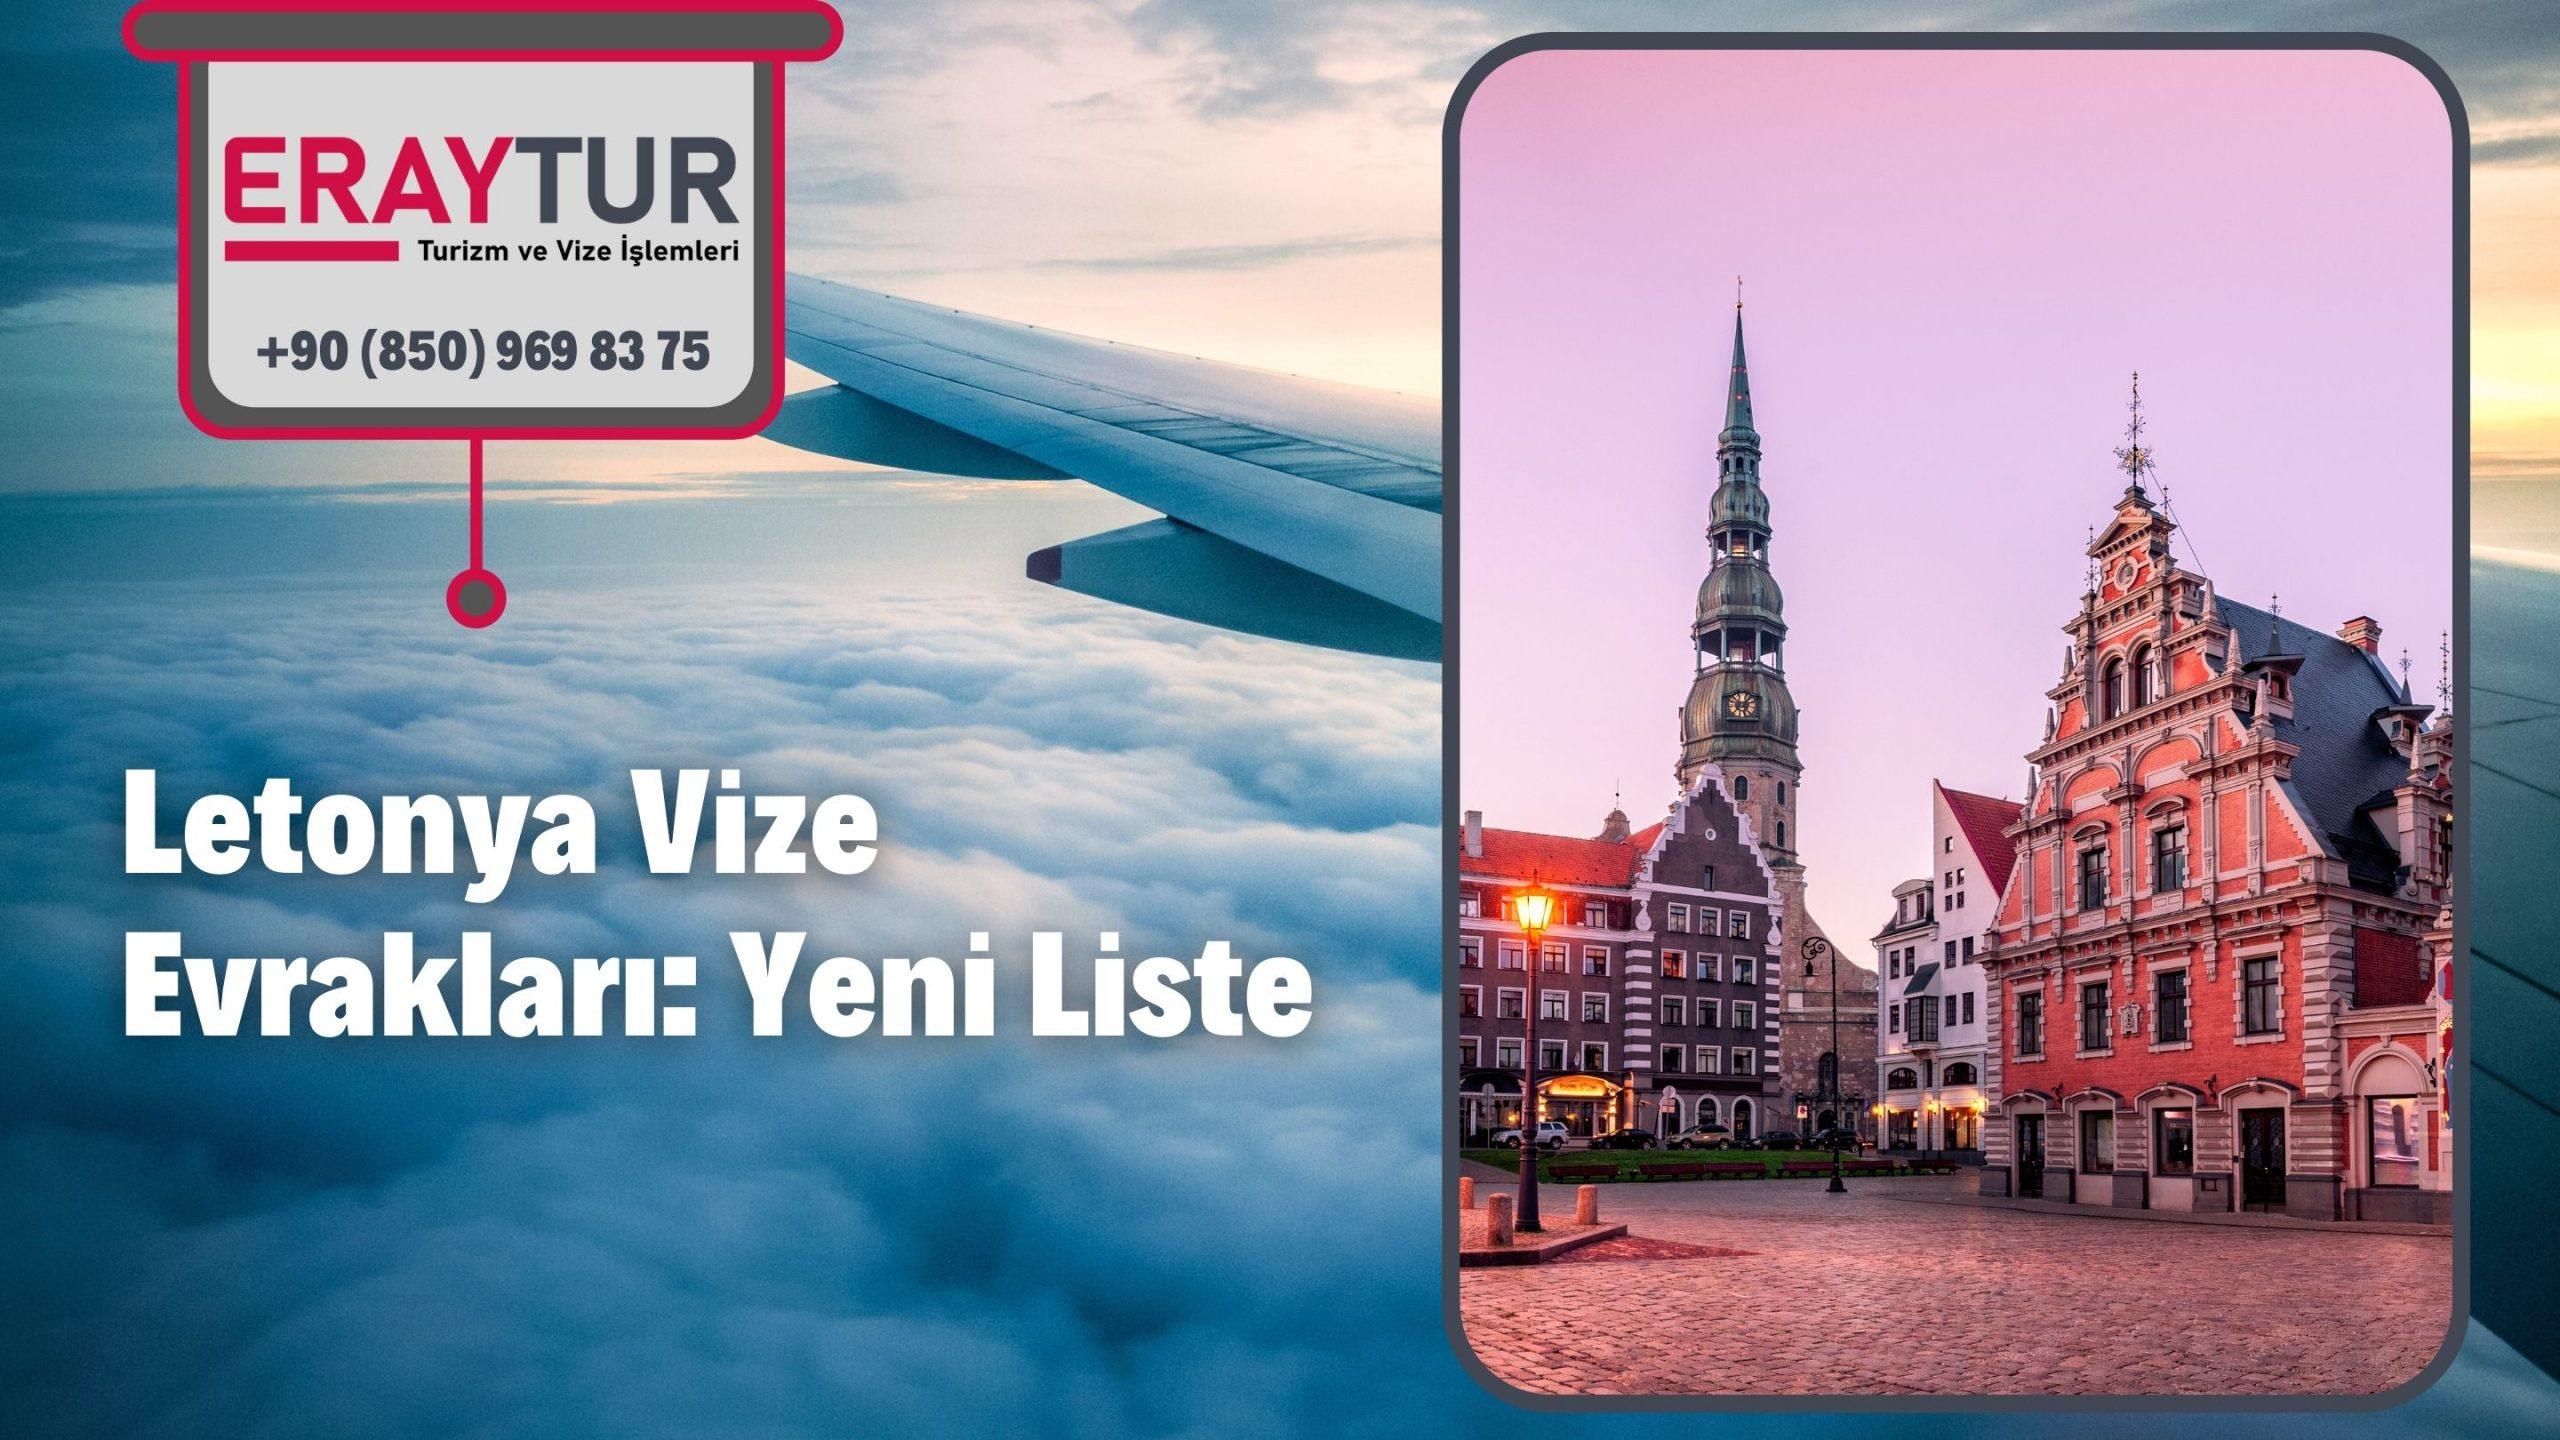 Letonya Vize Evrakları: Yeni Liste [2021]